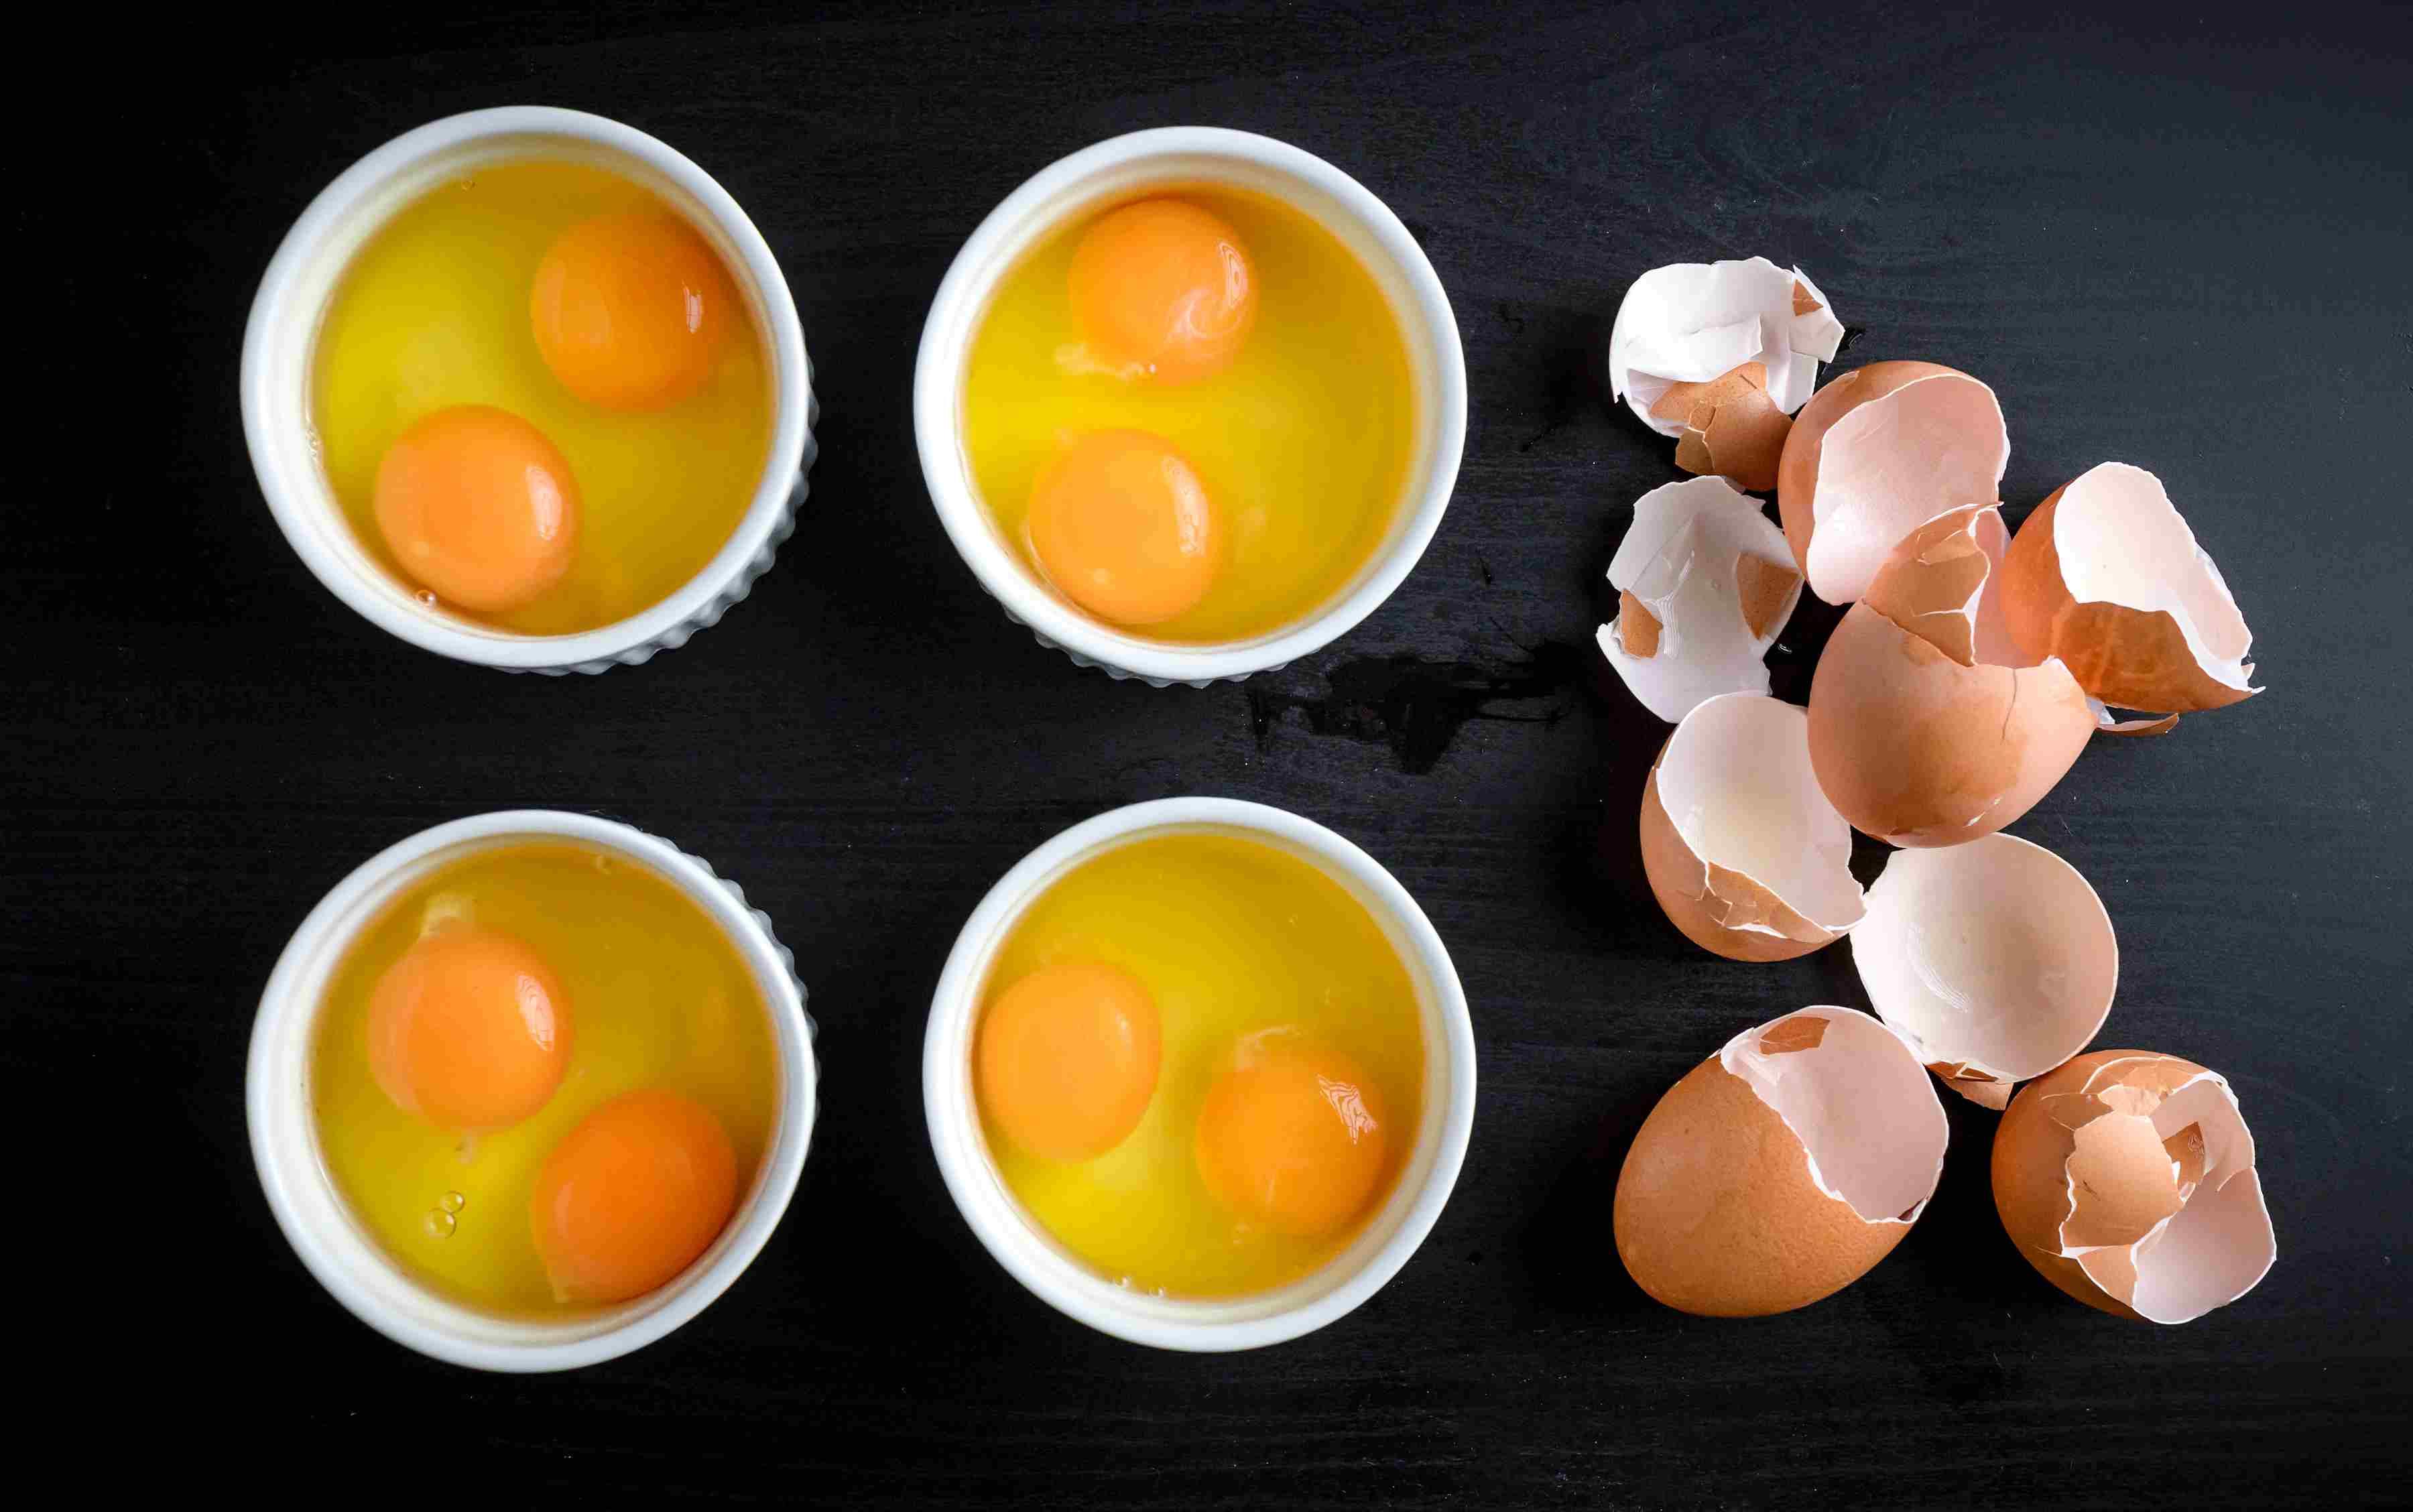 Break eggs into dish